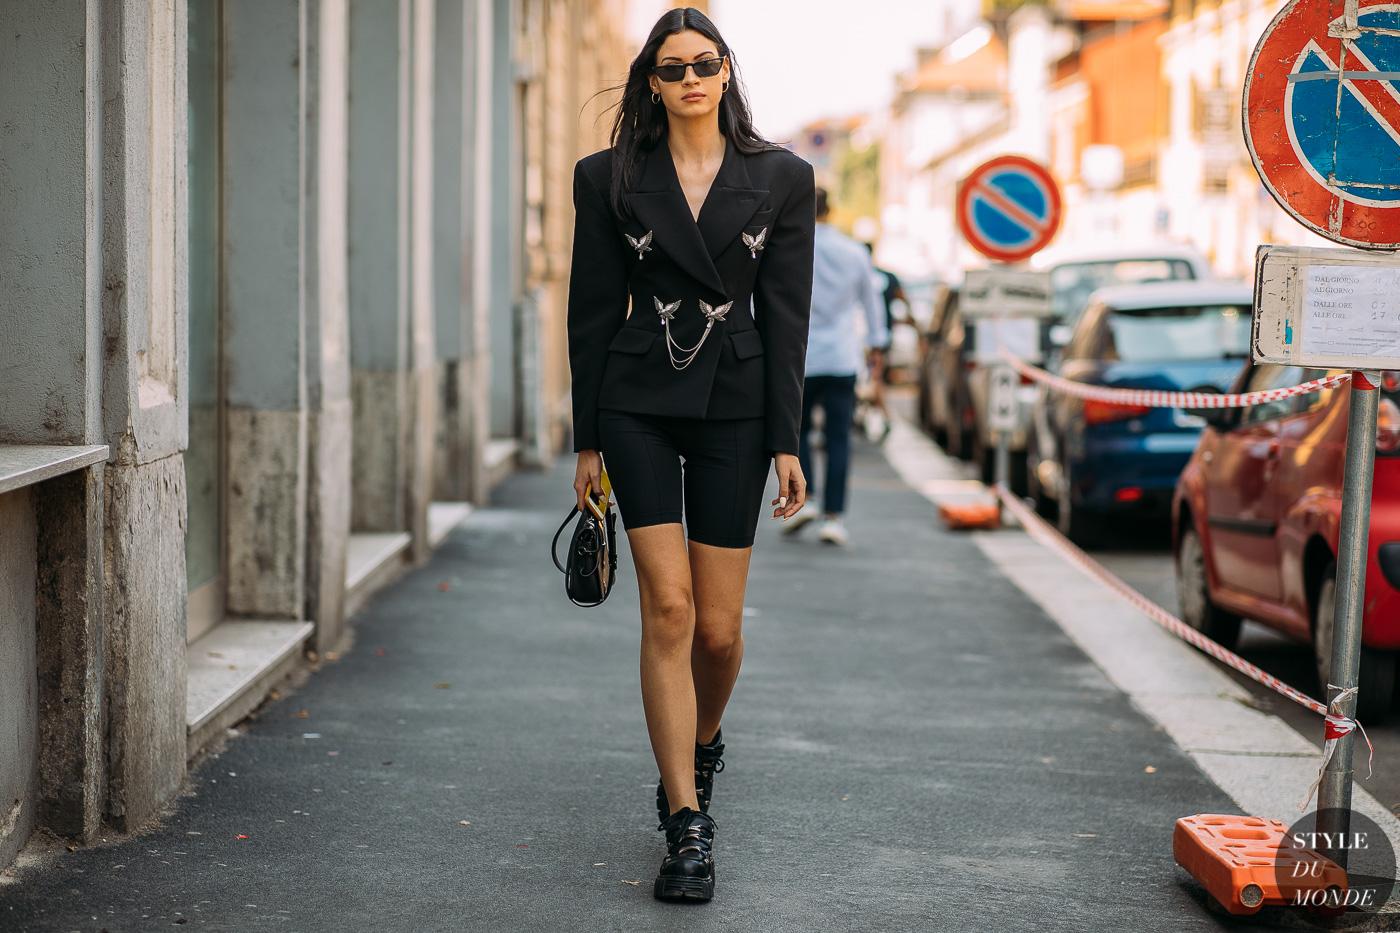 fashionista blazer đen cầu vai rộng quần shorts cua-đơ đạp xe bốt cổ thấp tuần lễ thời trang